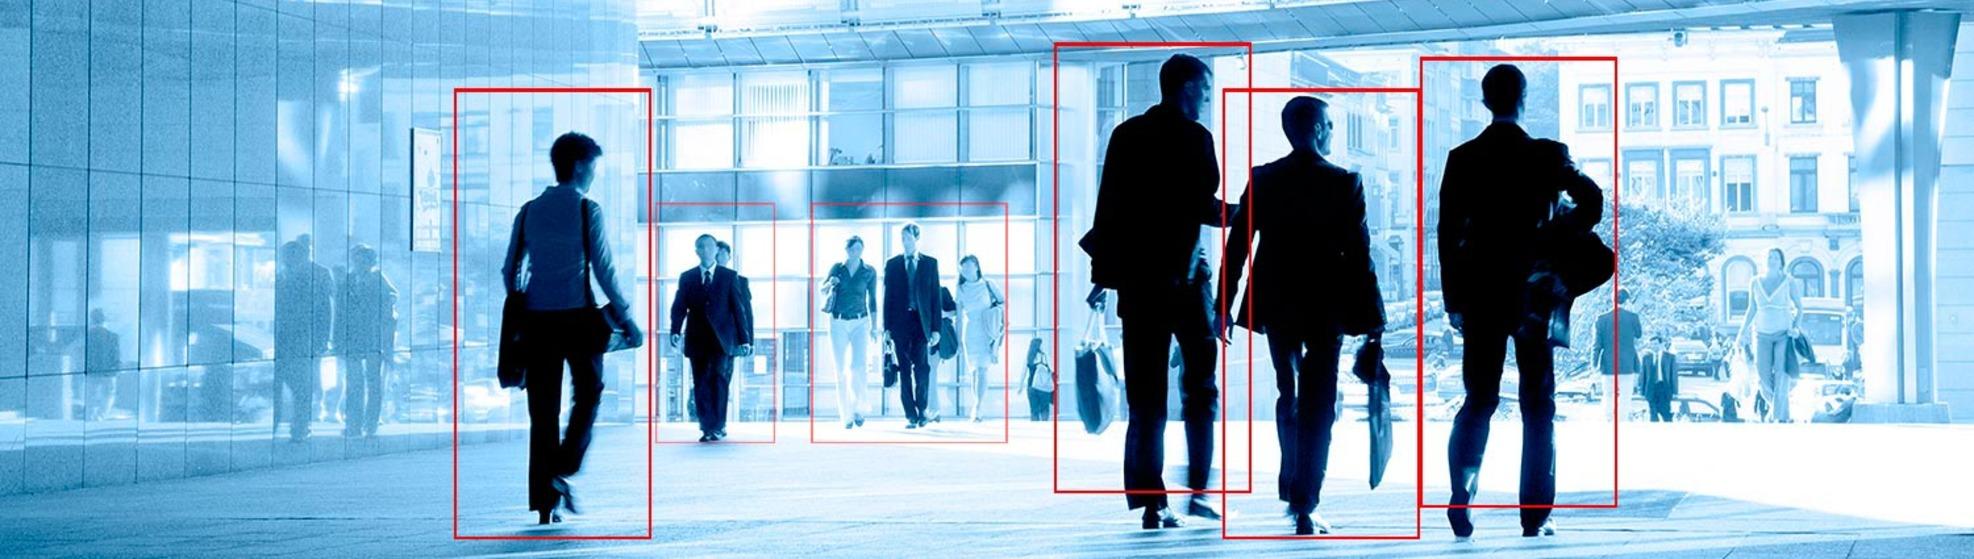 Empresas de seguridad en barcelona share the knownledge - Empresas constructoras en barcelona ...